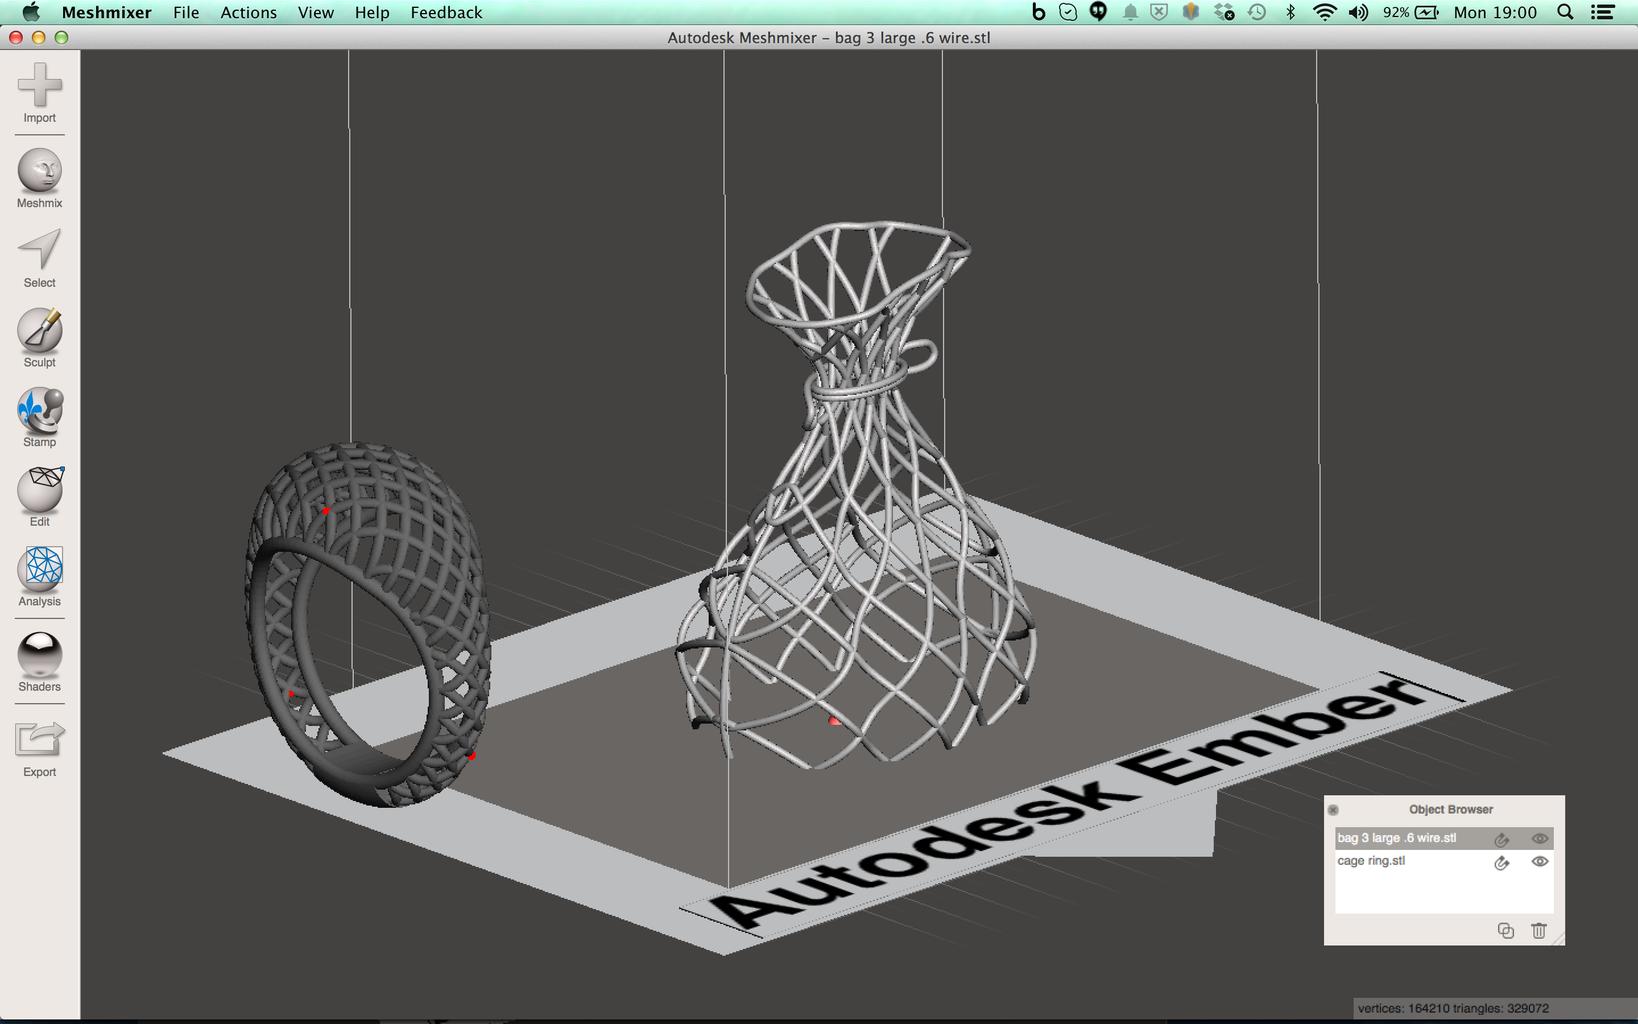 Meshmixer: Importing 3D Models